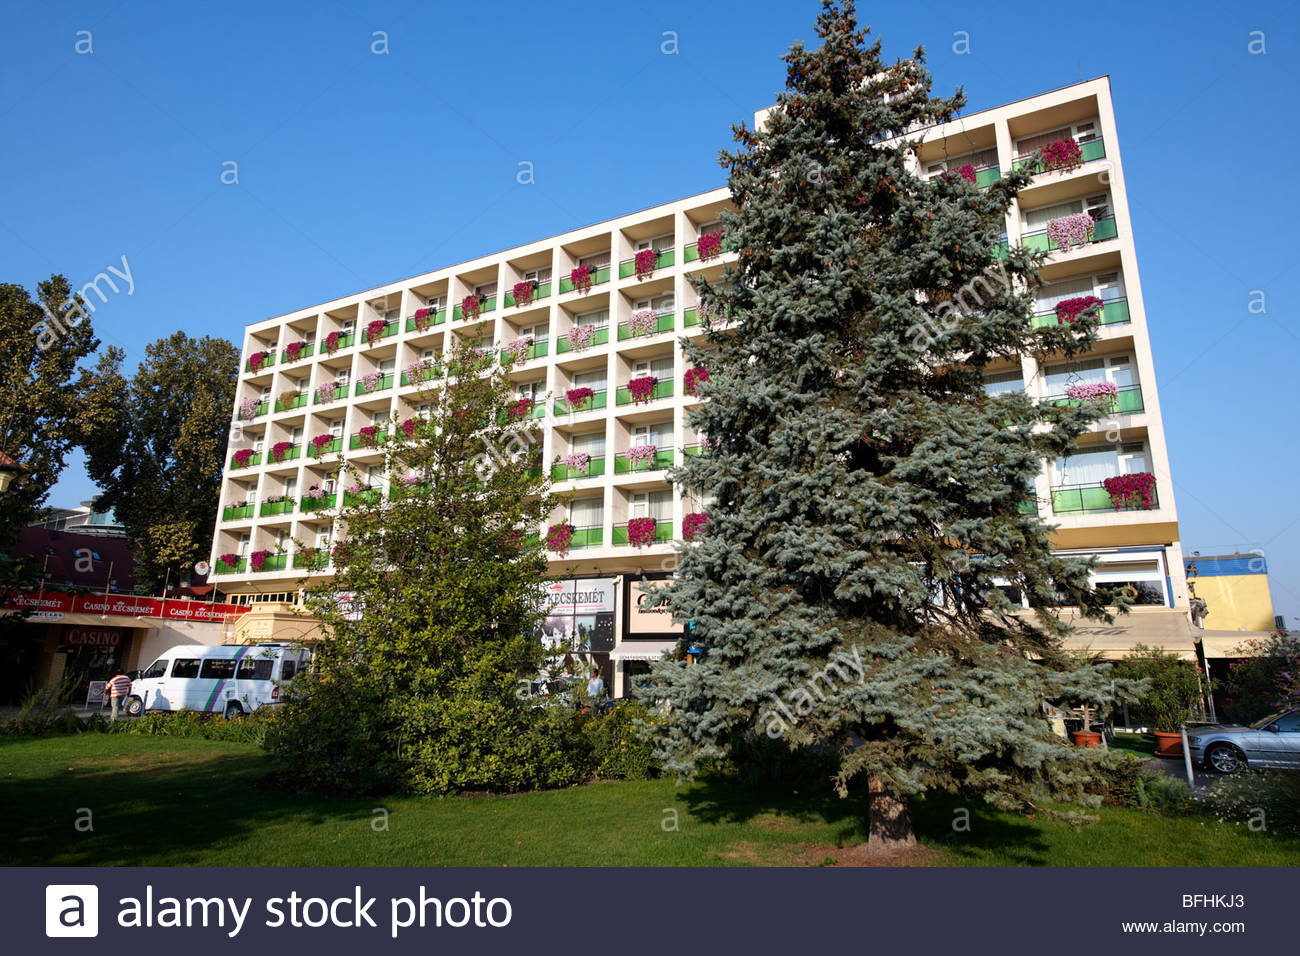 Die verschließende Hotel (sozialistische Architektur), Kecskem t, Ungarn Stockbild